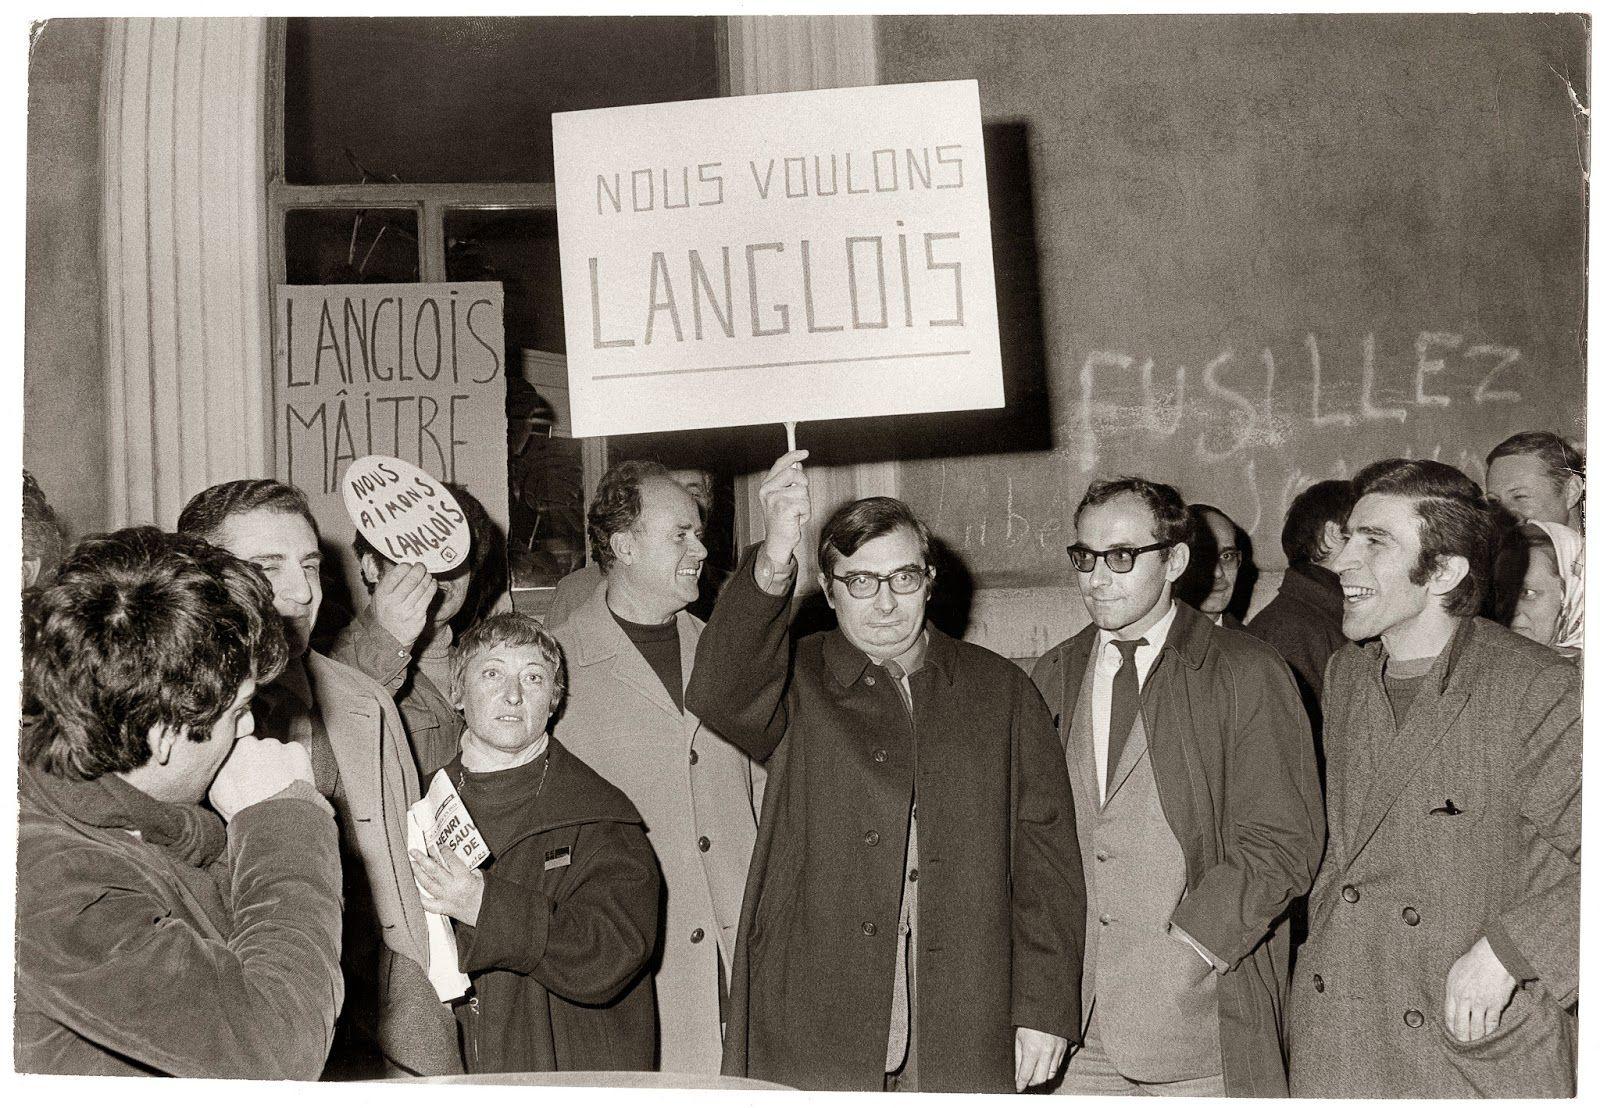 Christian Rochefort, Jean Rouch, Claude Chabrol, Jean-Luc Godard et Henri Attal lors d'une manifestation de soutien à Langlois, rue d'Ulm, le 11 février 1968, DR © Collection La Cinémathèque française